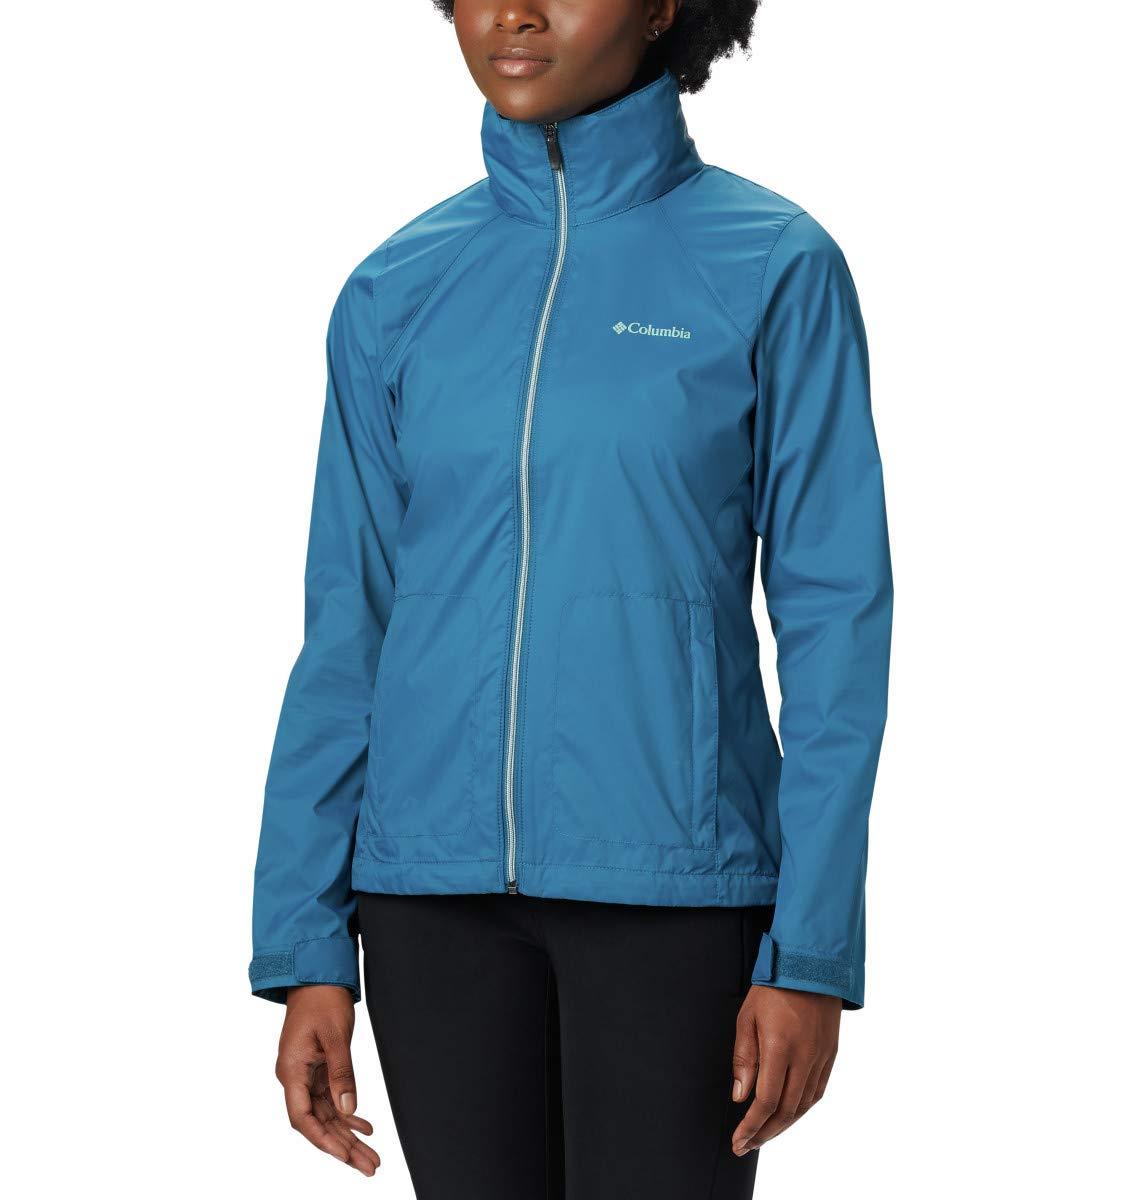 Columbia Women's Plus Size Switchback III Adjustable Waterproof Rain Jacket, Lagoon, 2X by Columbia